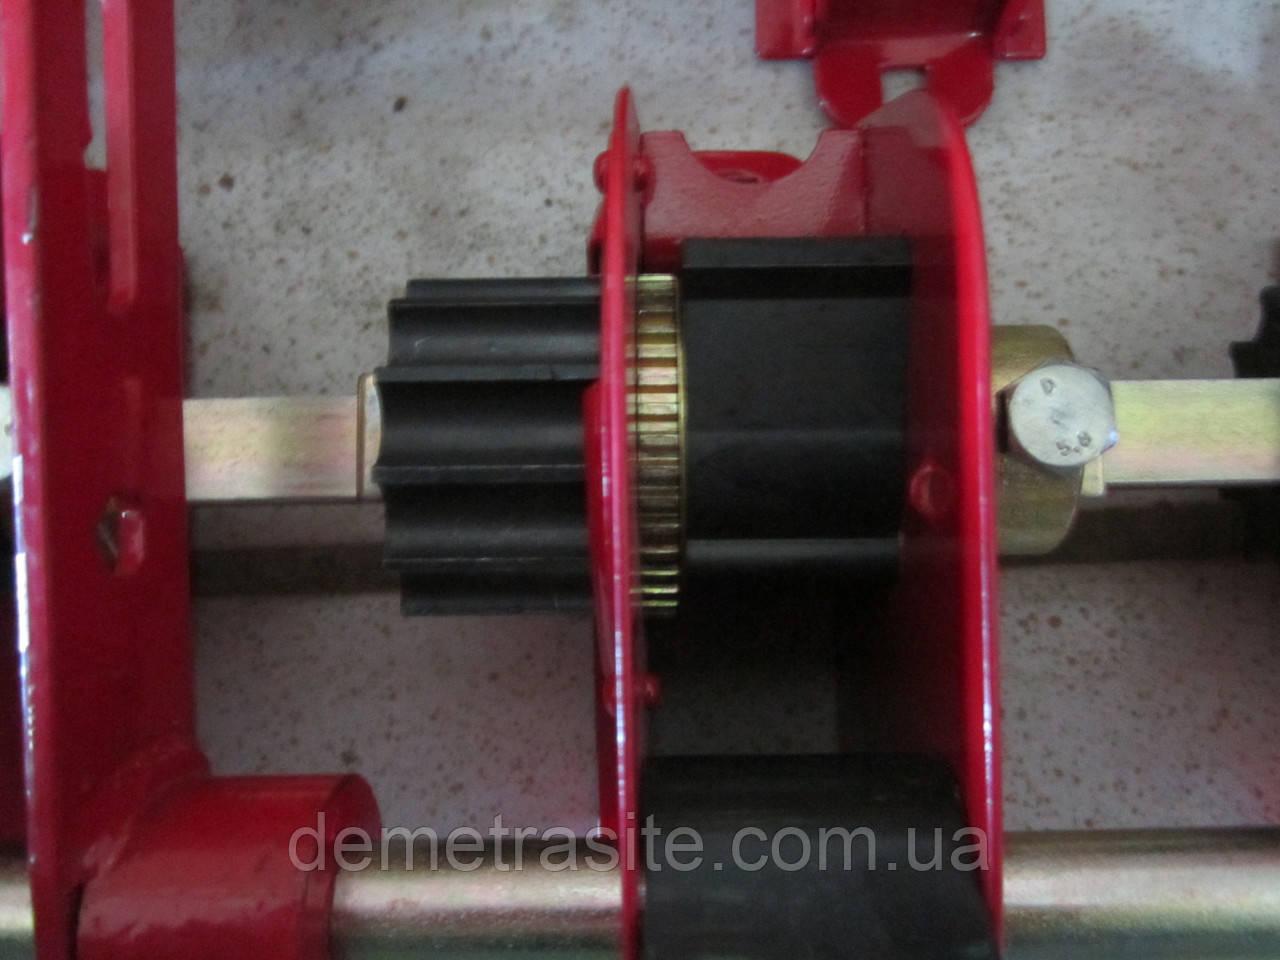 Апарат висіваючий з мелкосемянным висівом на сівалки СЗ лівий металокераміка